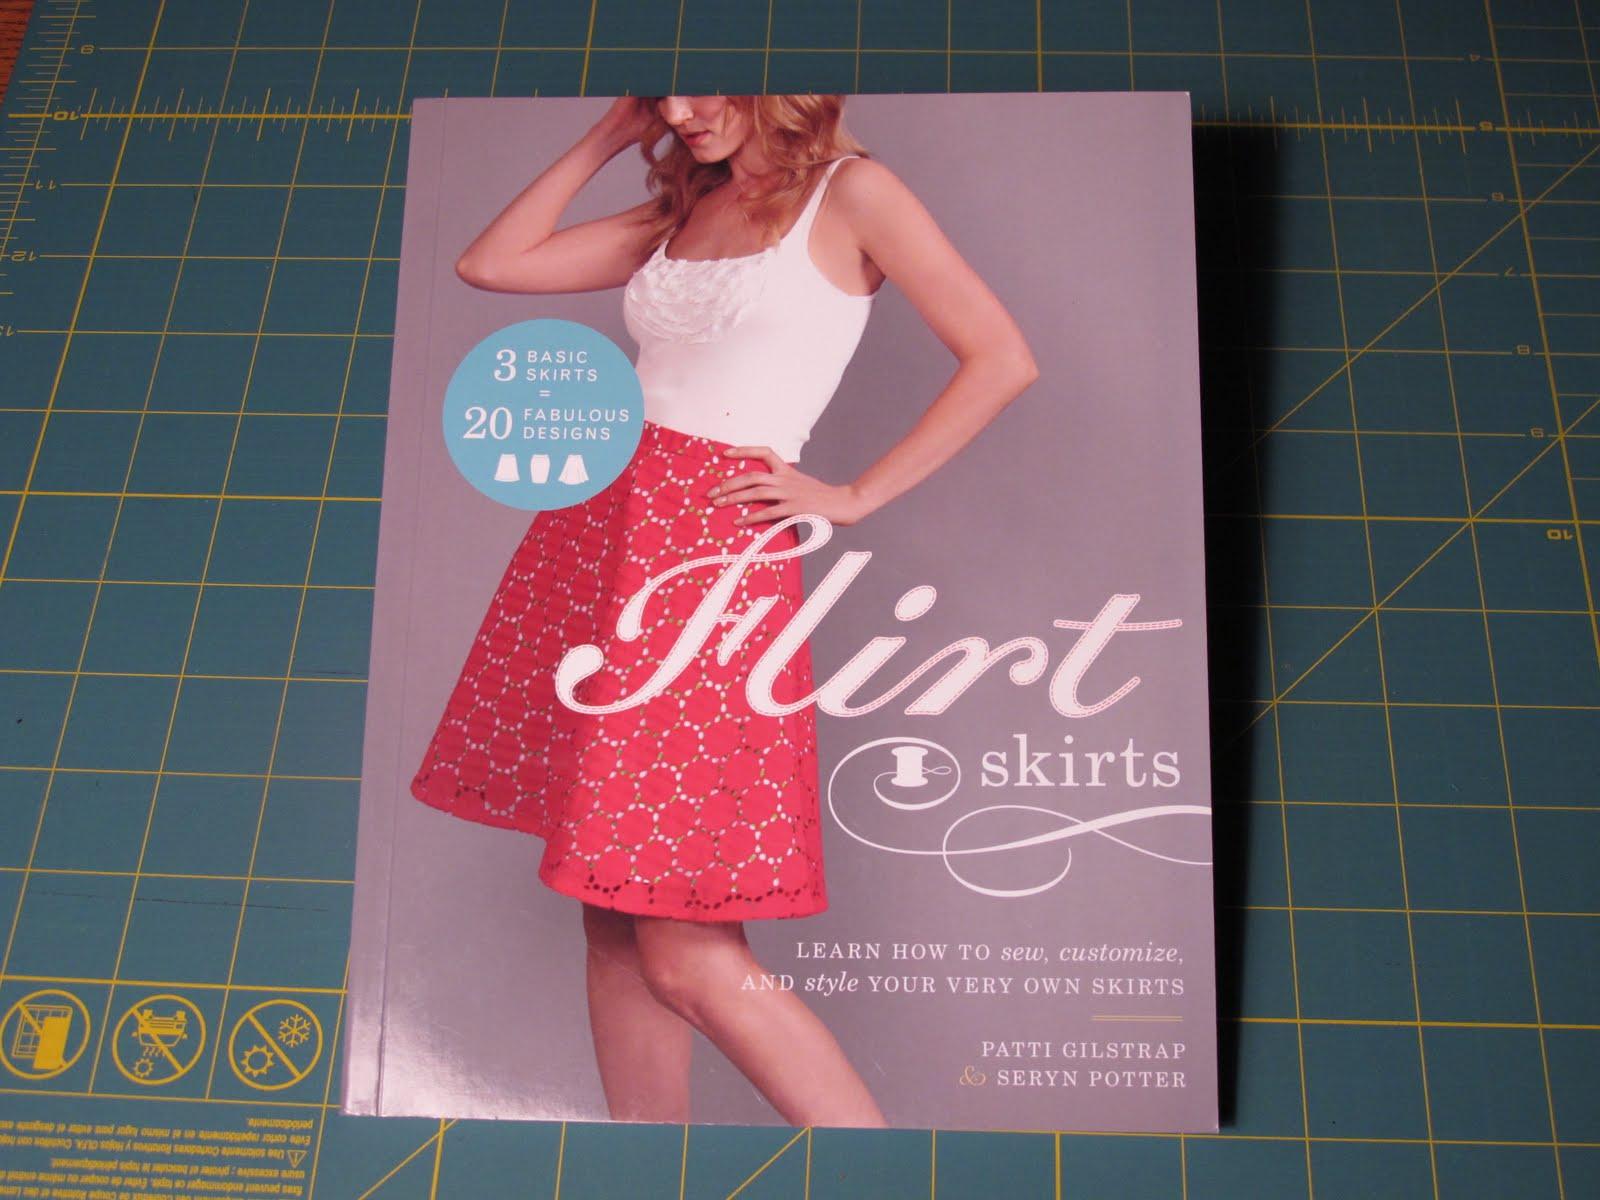 flirt skirts book